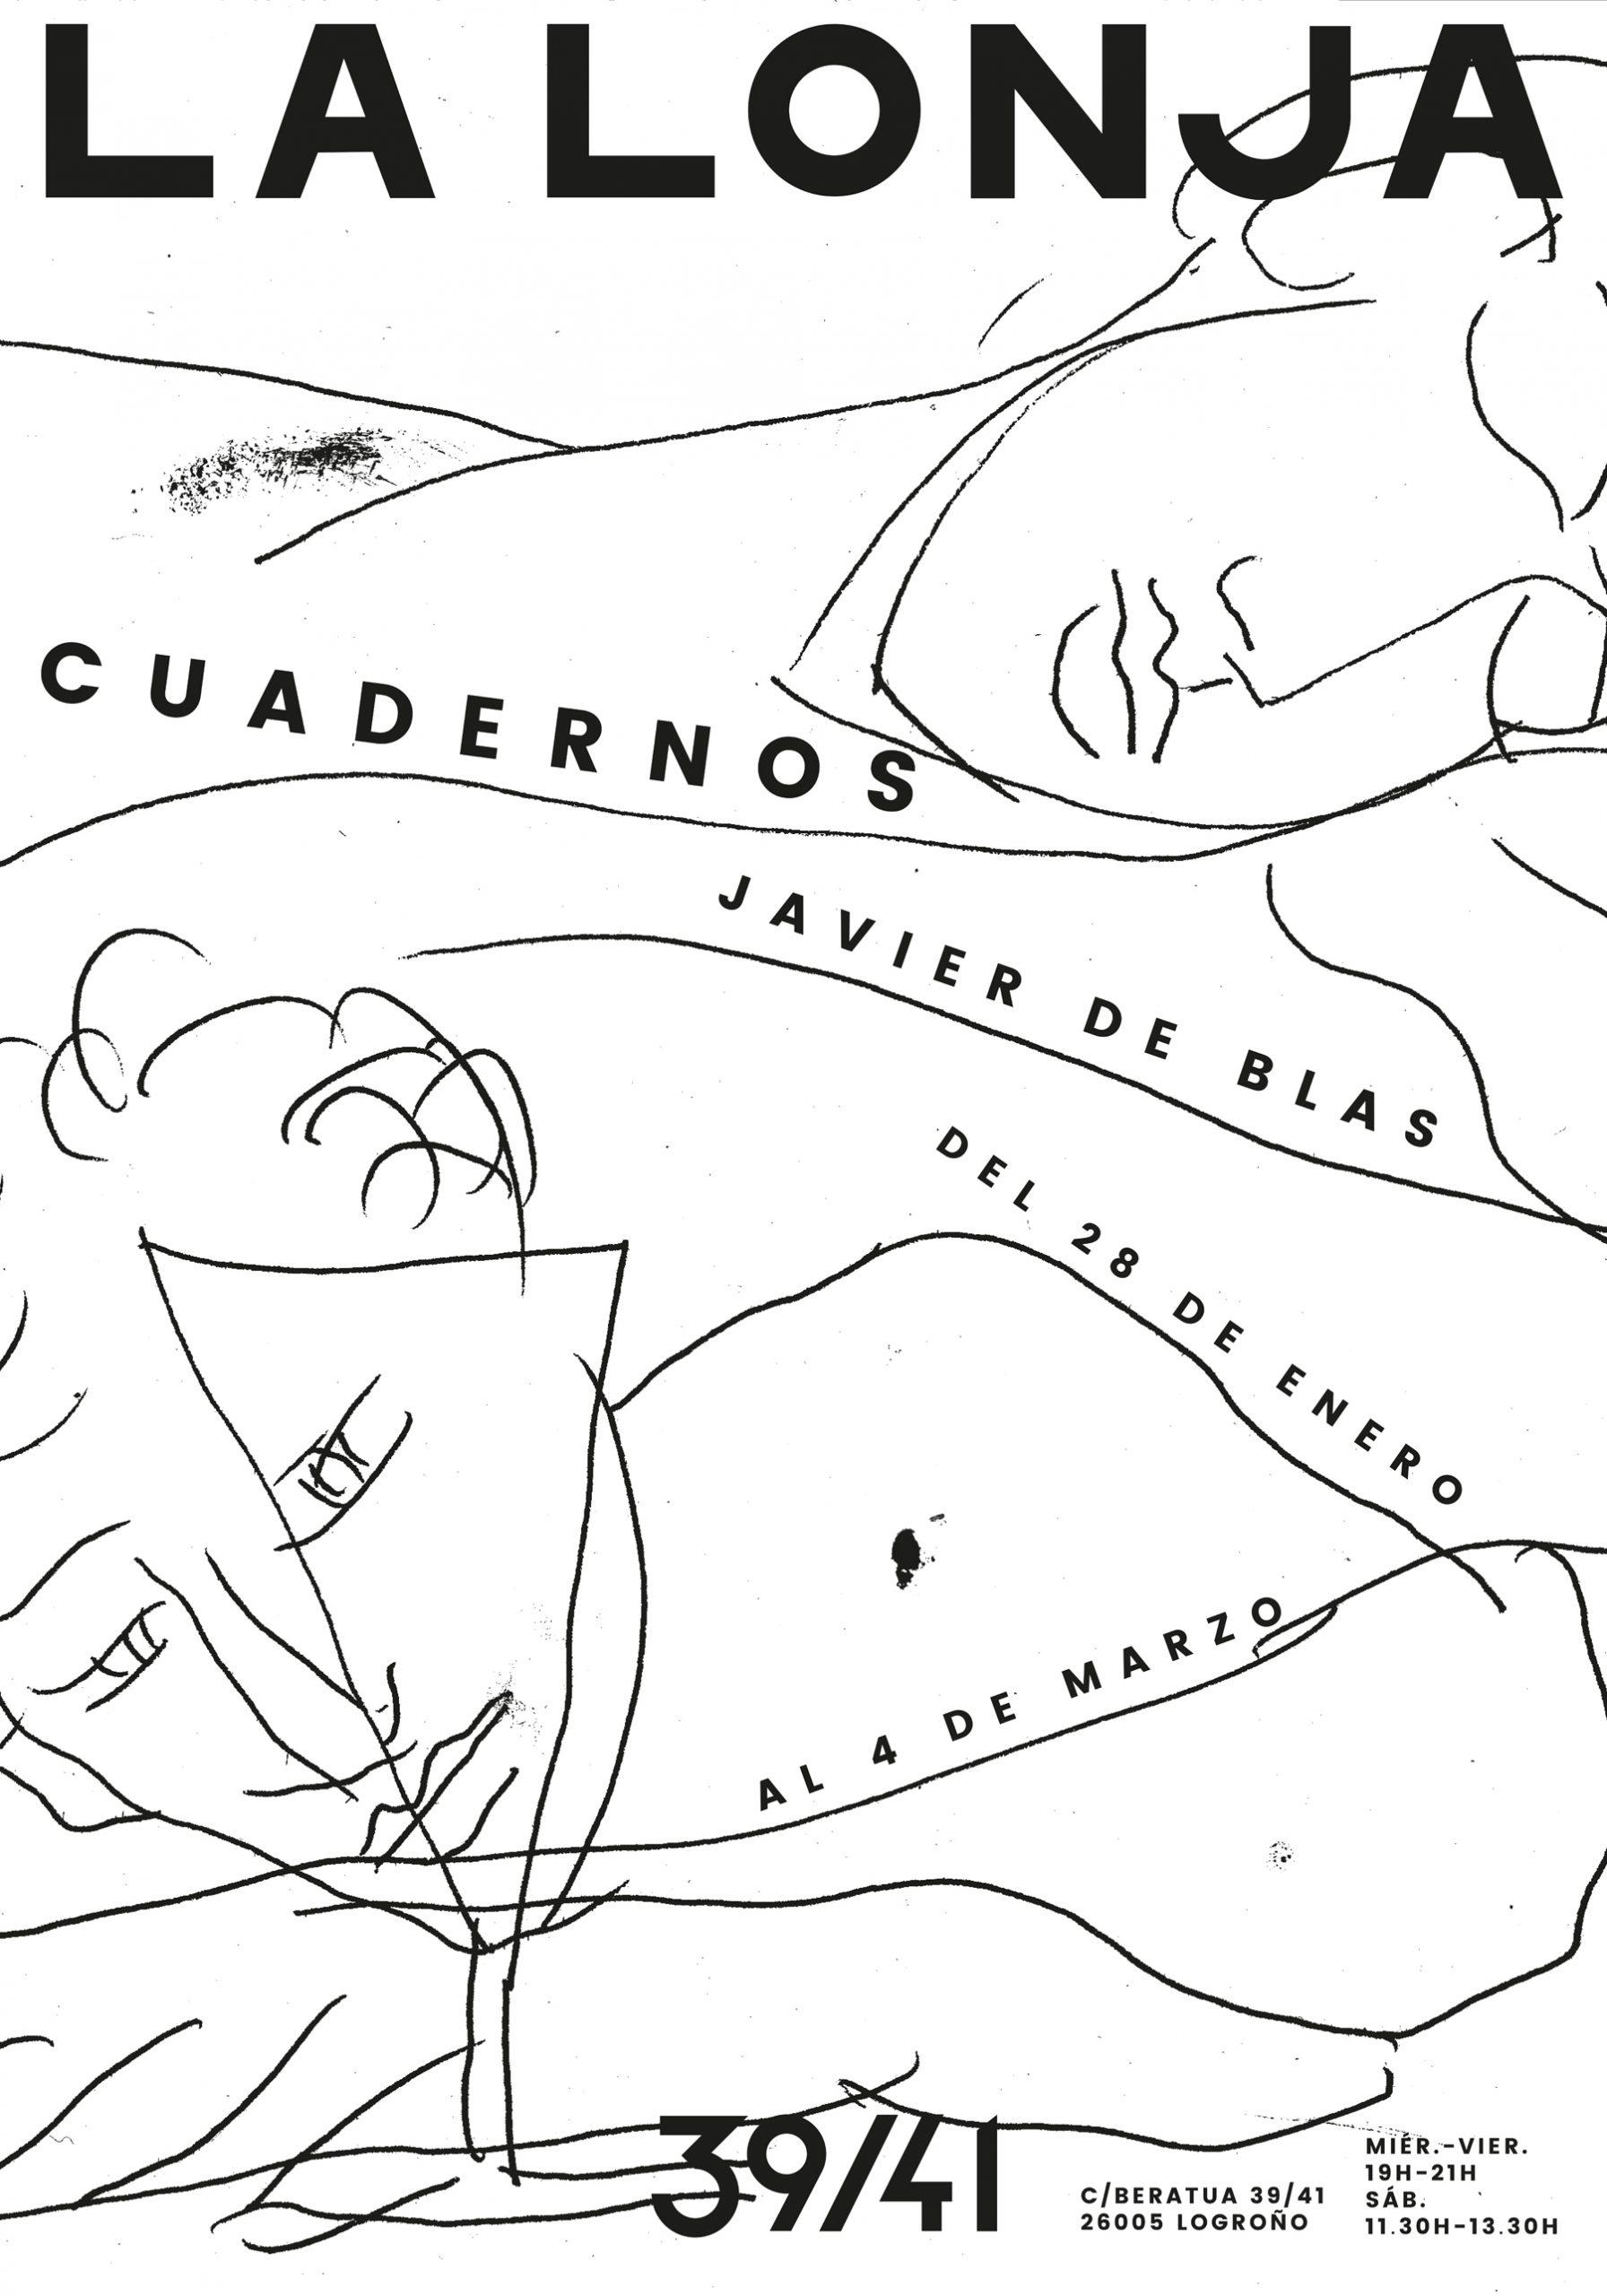 CUADERNOS / JAVIER DE BLAS 28.EN.- 4.MAR.2018